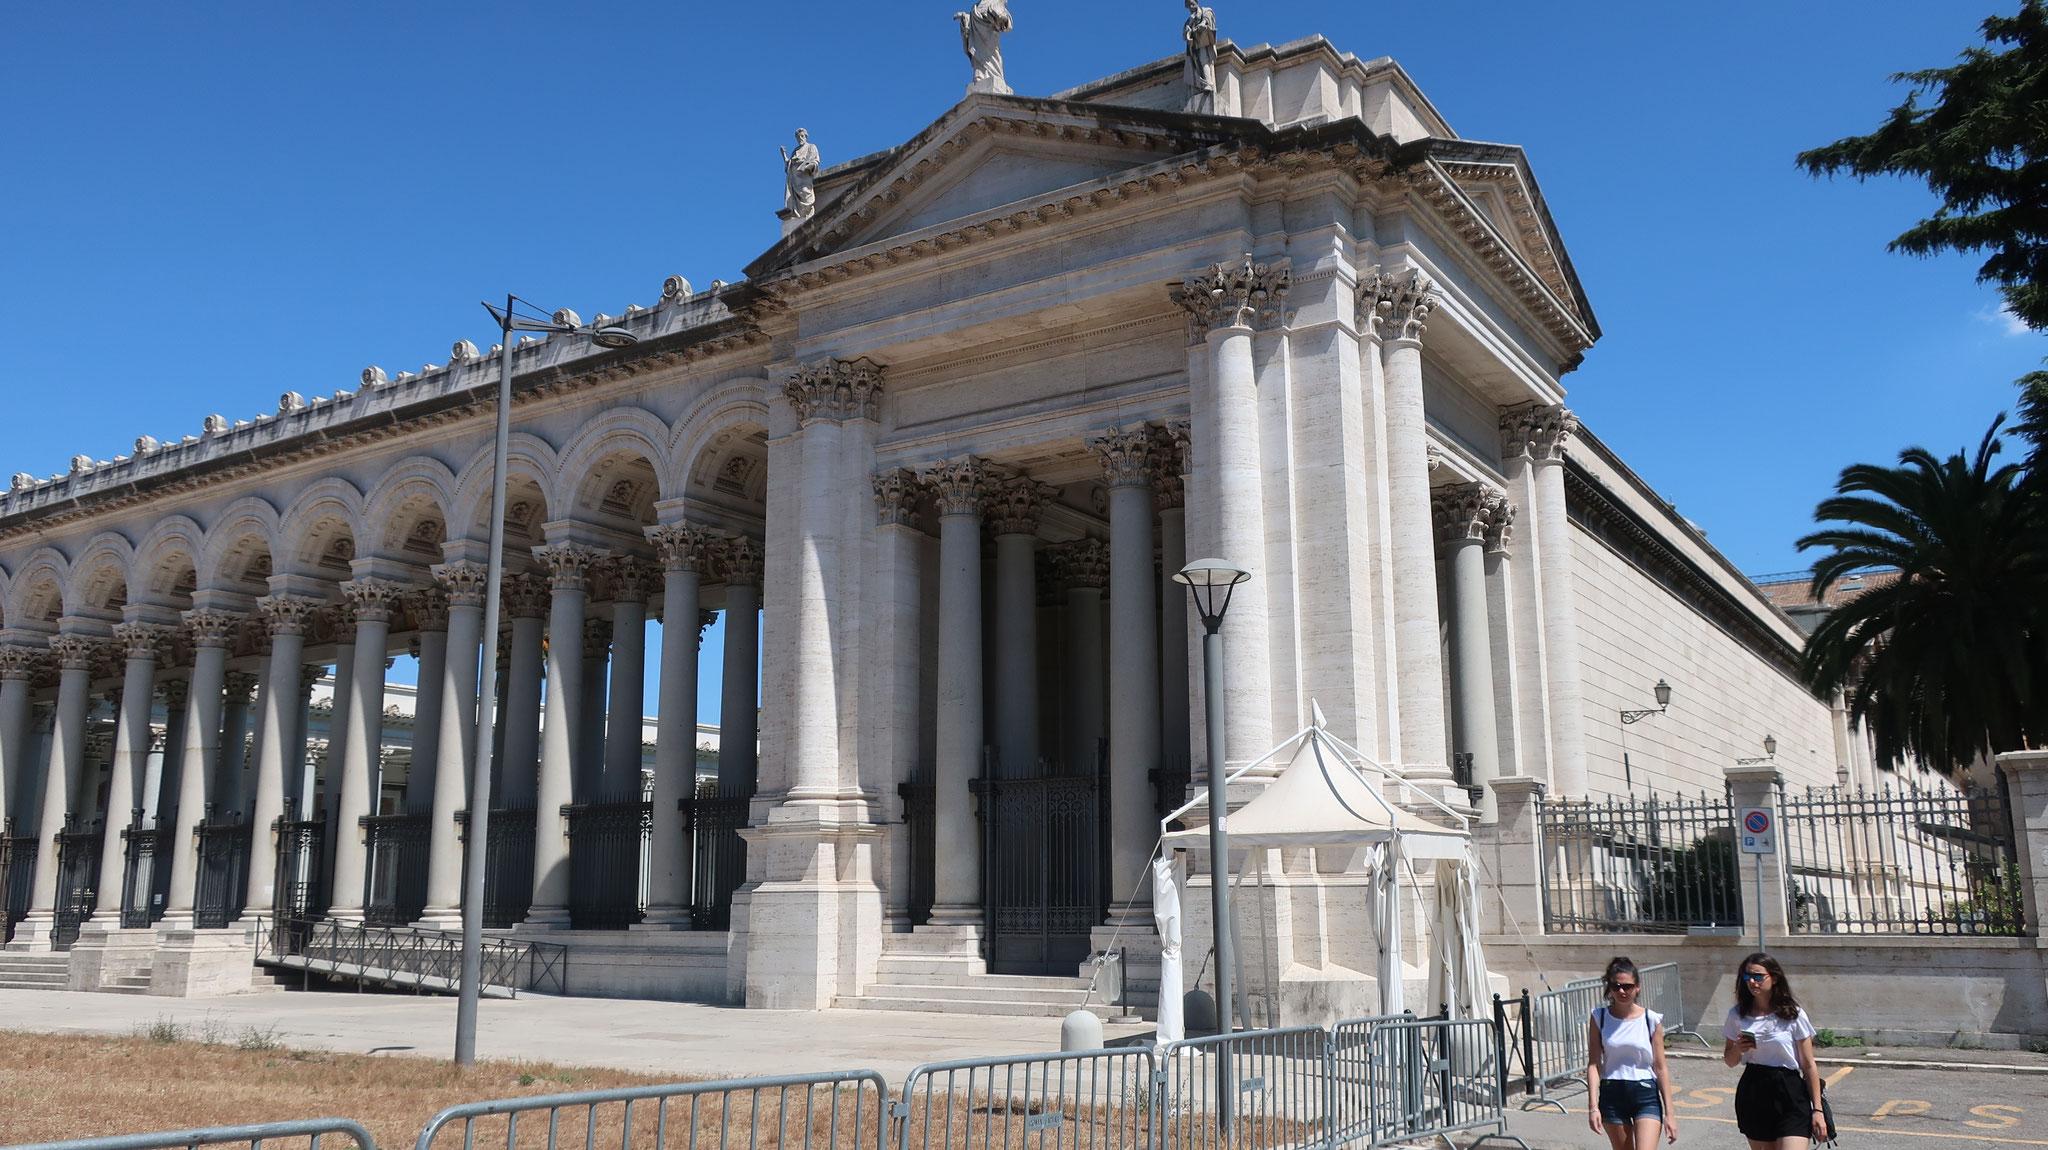 コンスタンティヌス大帝により、聖パウロの墓の上に建てられました。